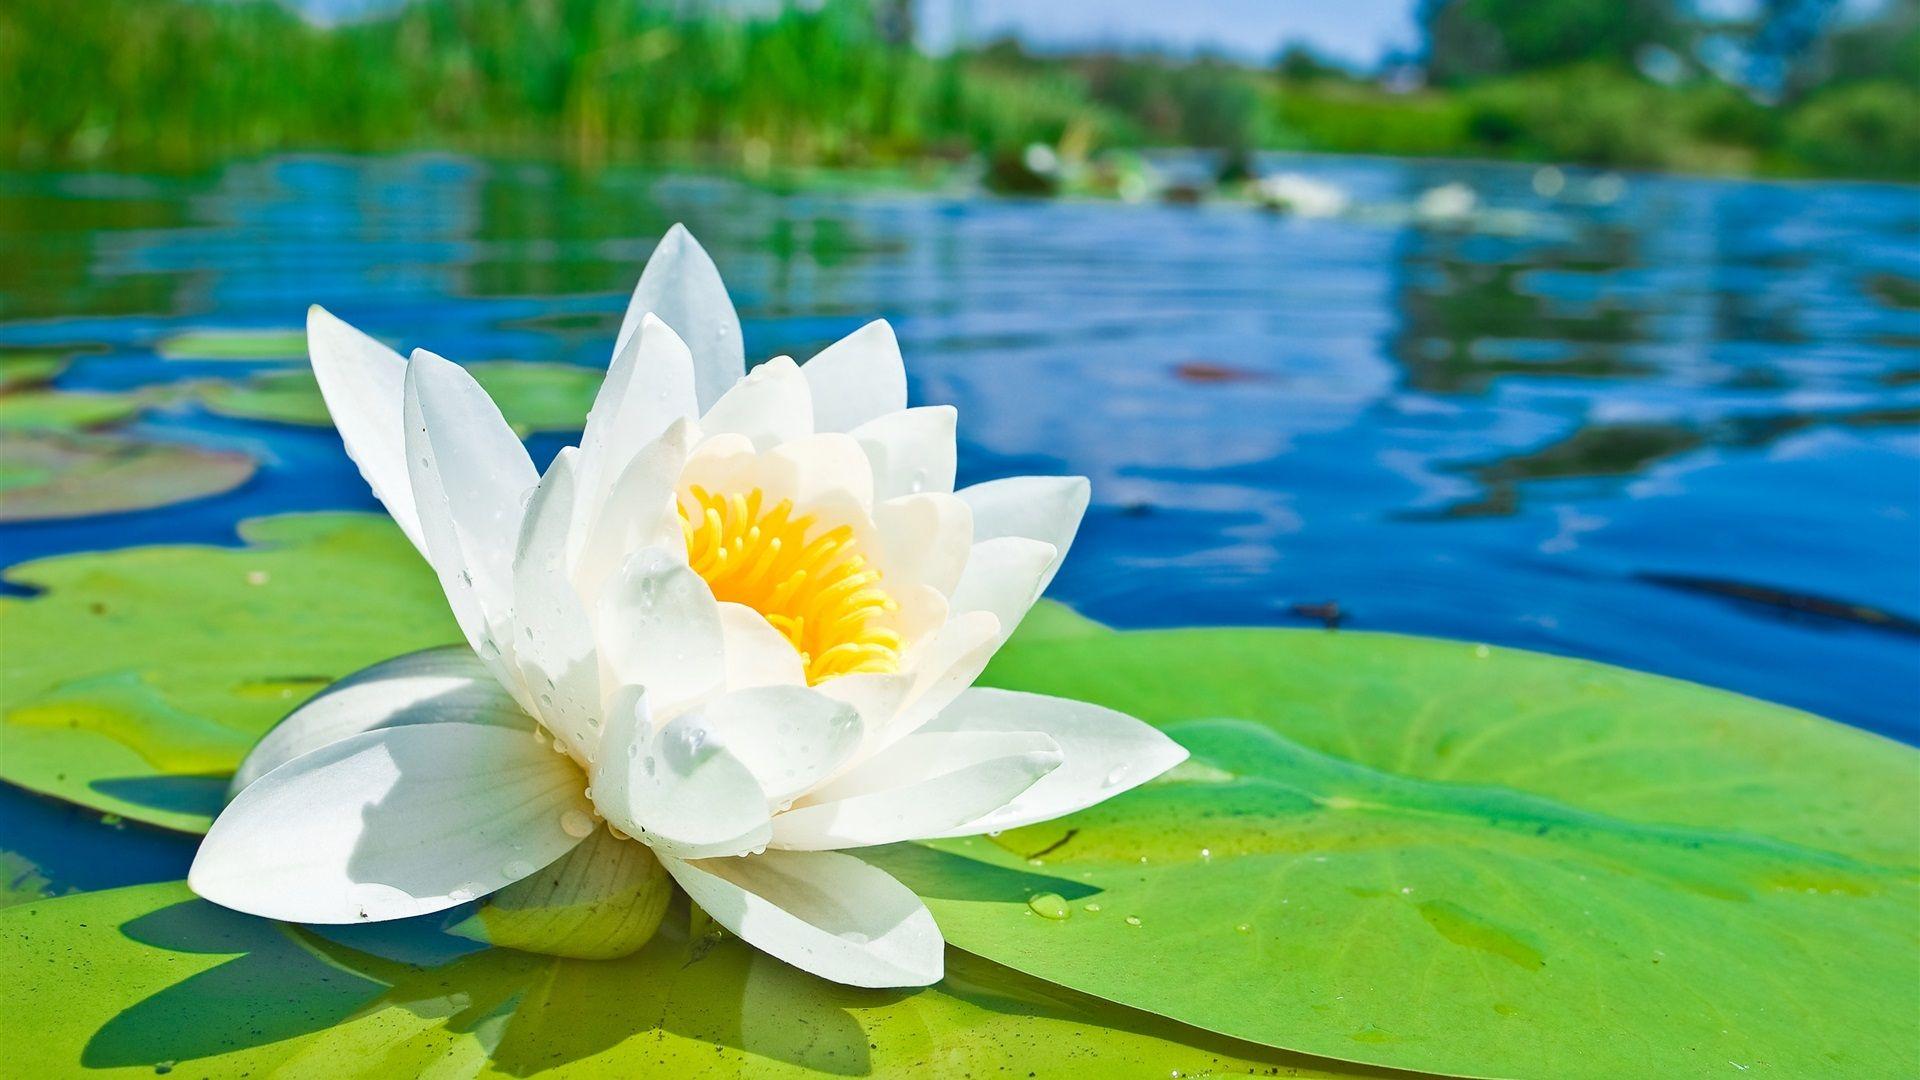 flor de loto blanco macro fotografía, hojas verdes